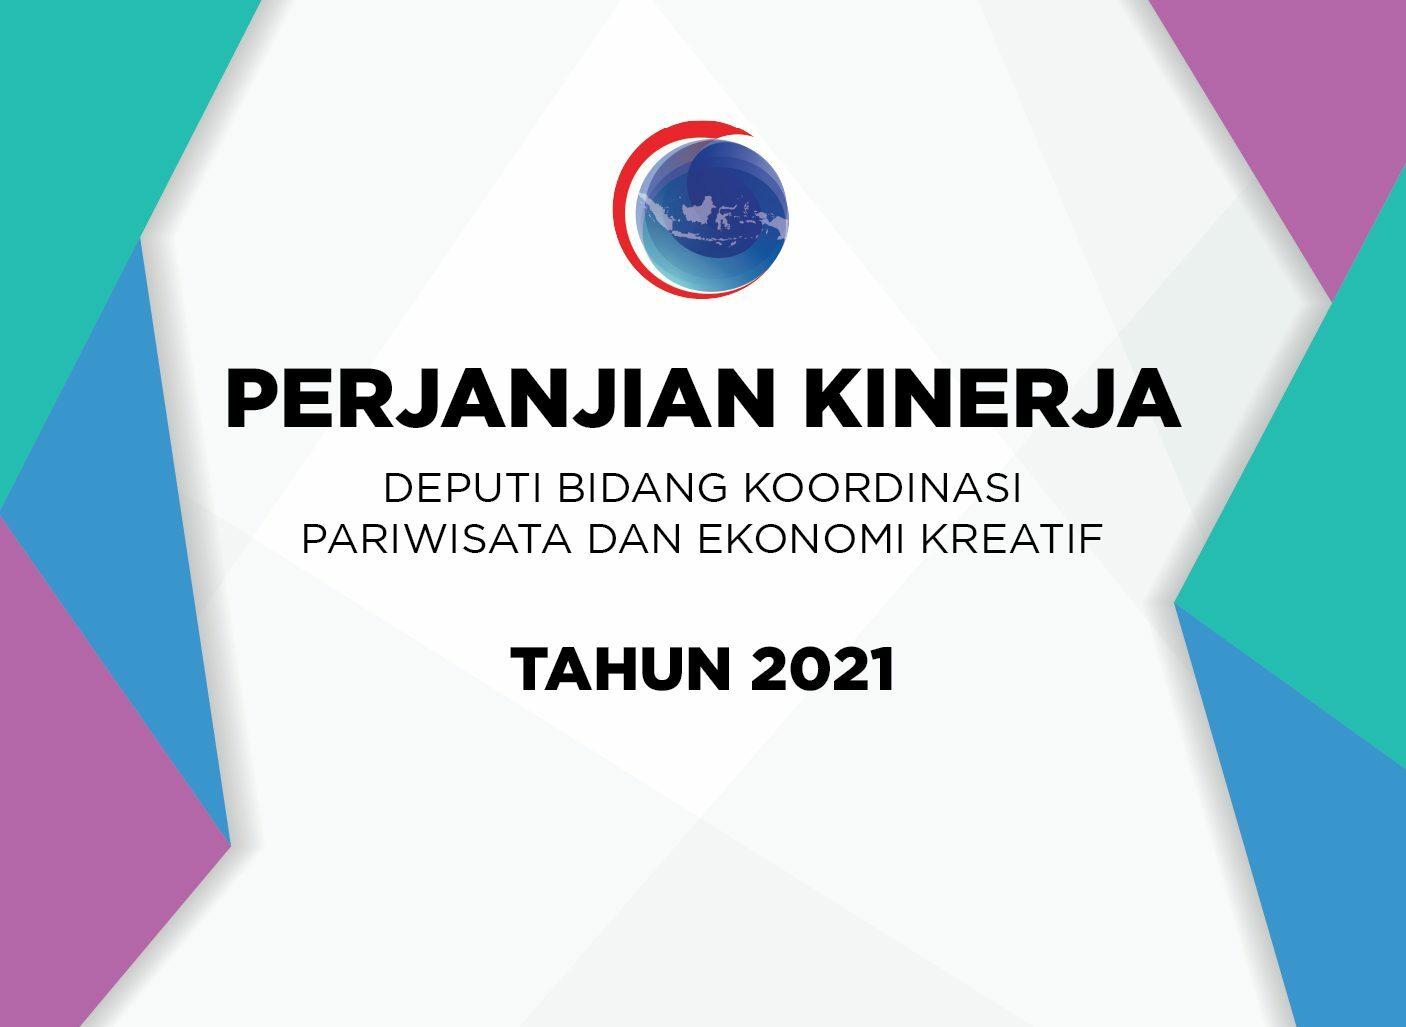 Perjanjian Kinerja Deputi Bidang Koordinasi Pariwisata dan Ekonomi Kreatif Tahun 2021